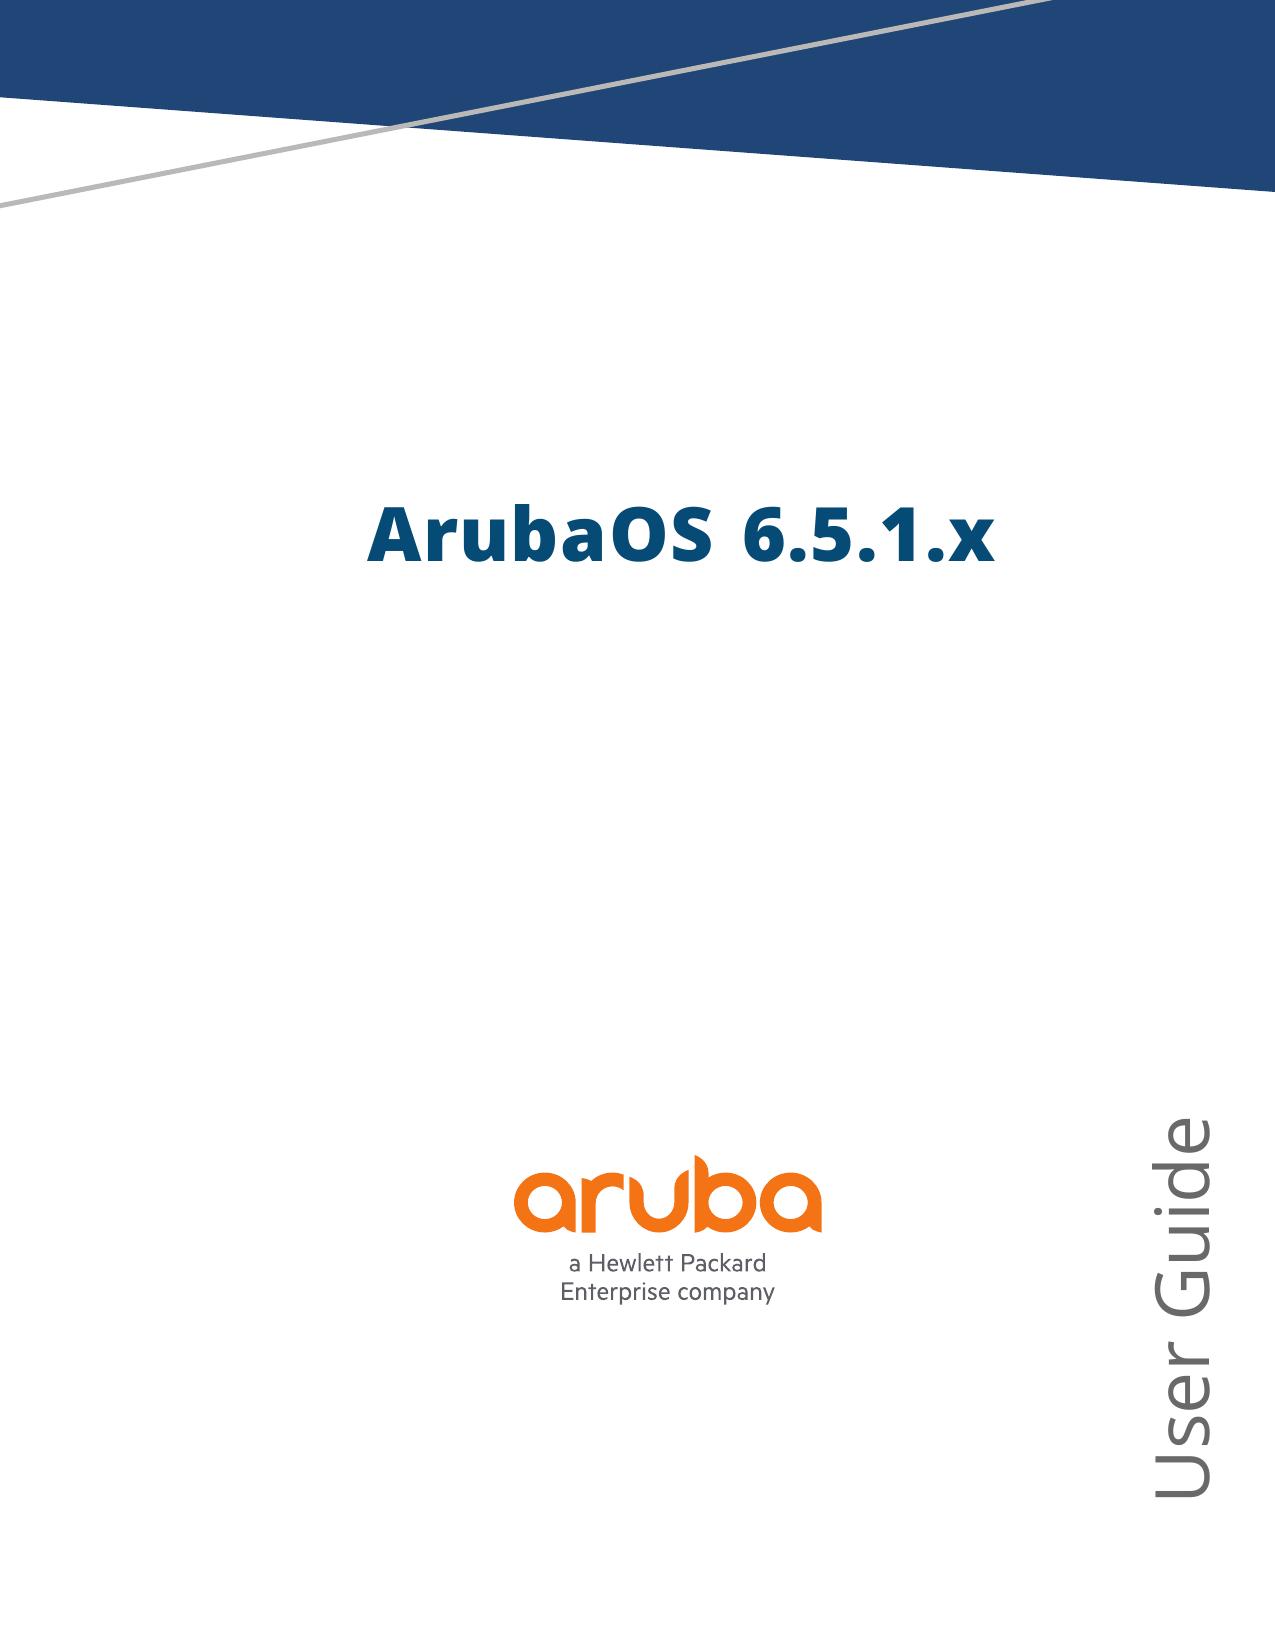 ArubaOS 6 5 1 x User Guide | manualzz com